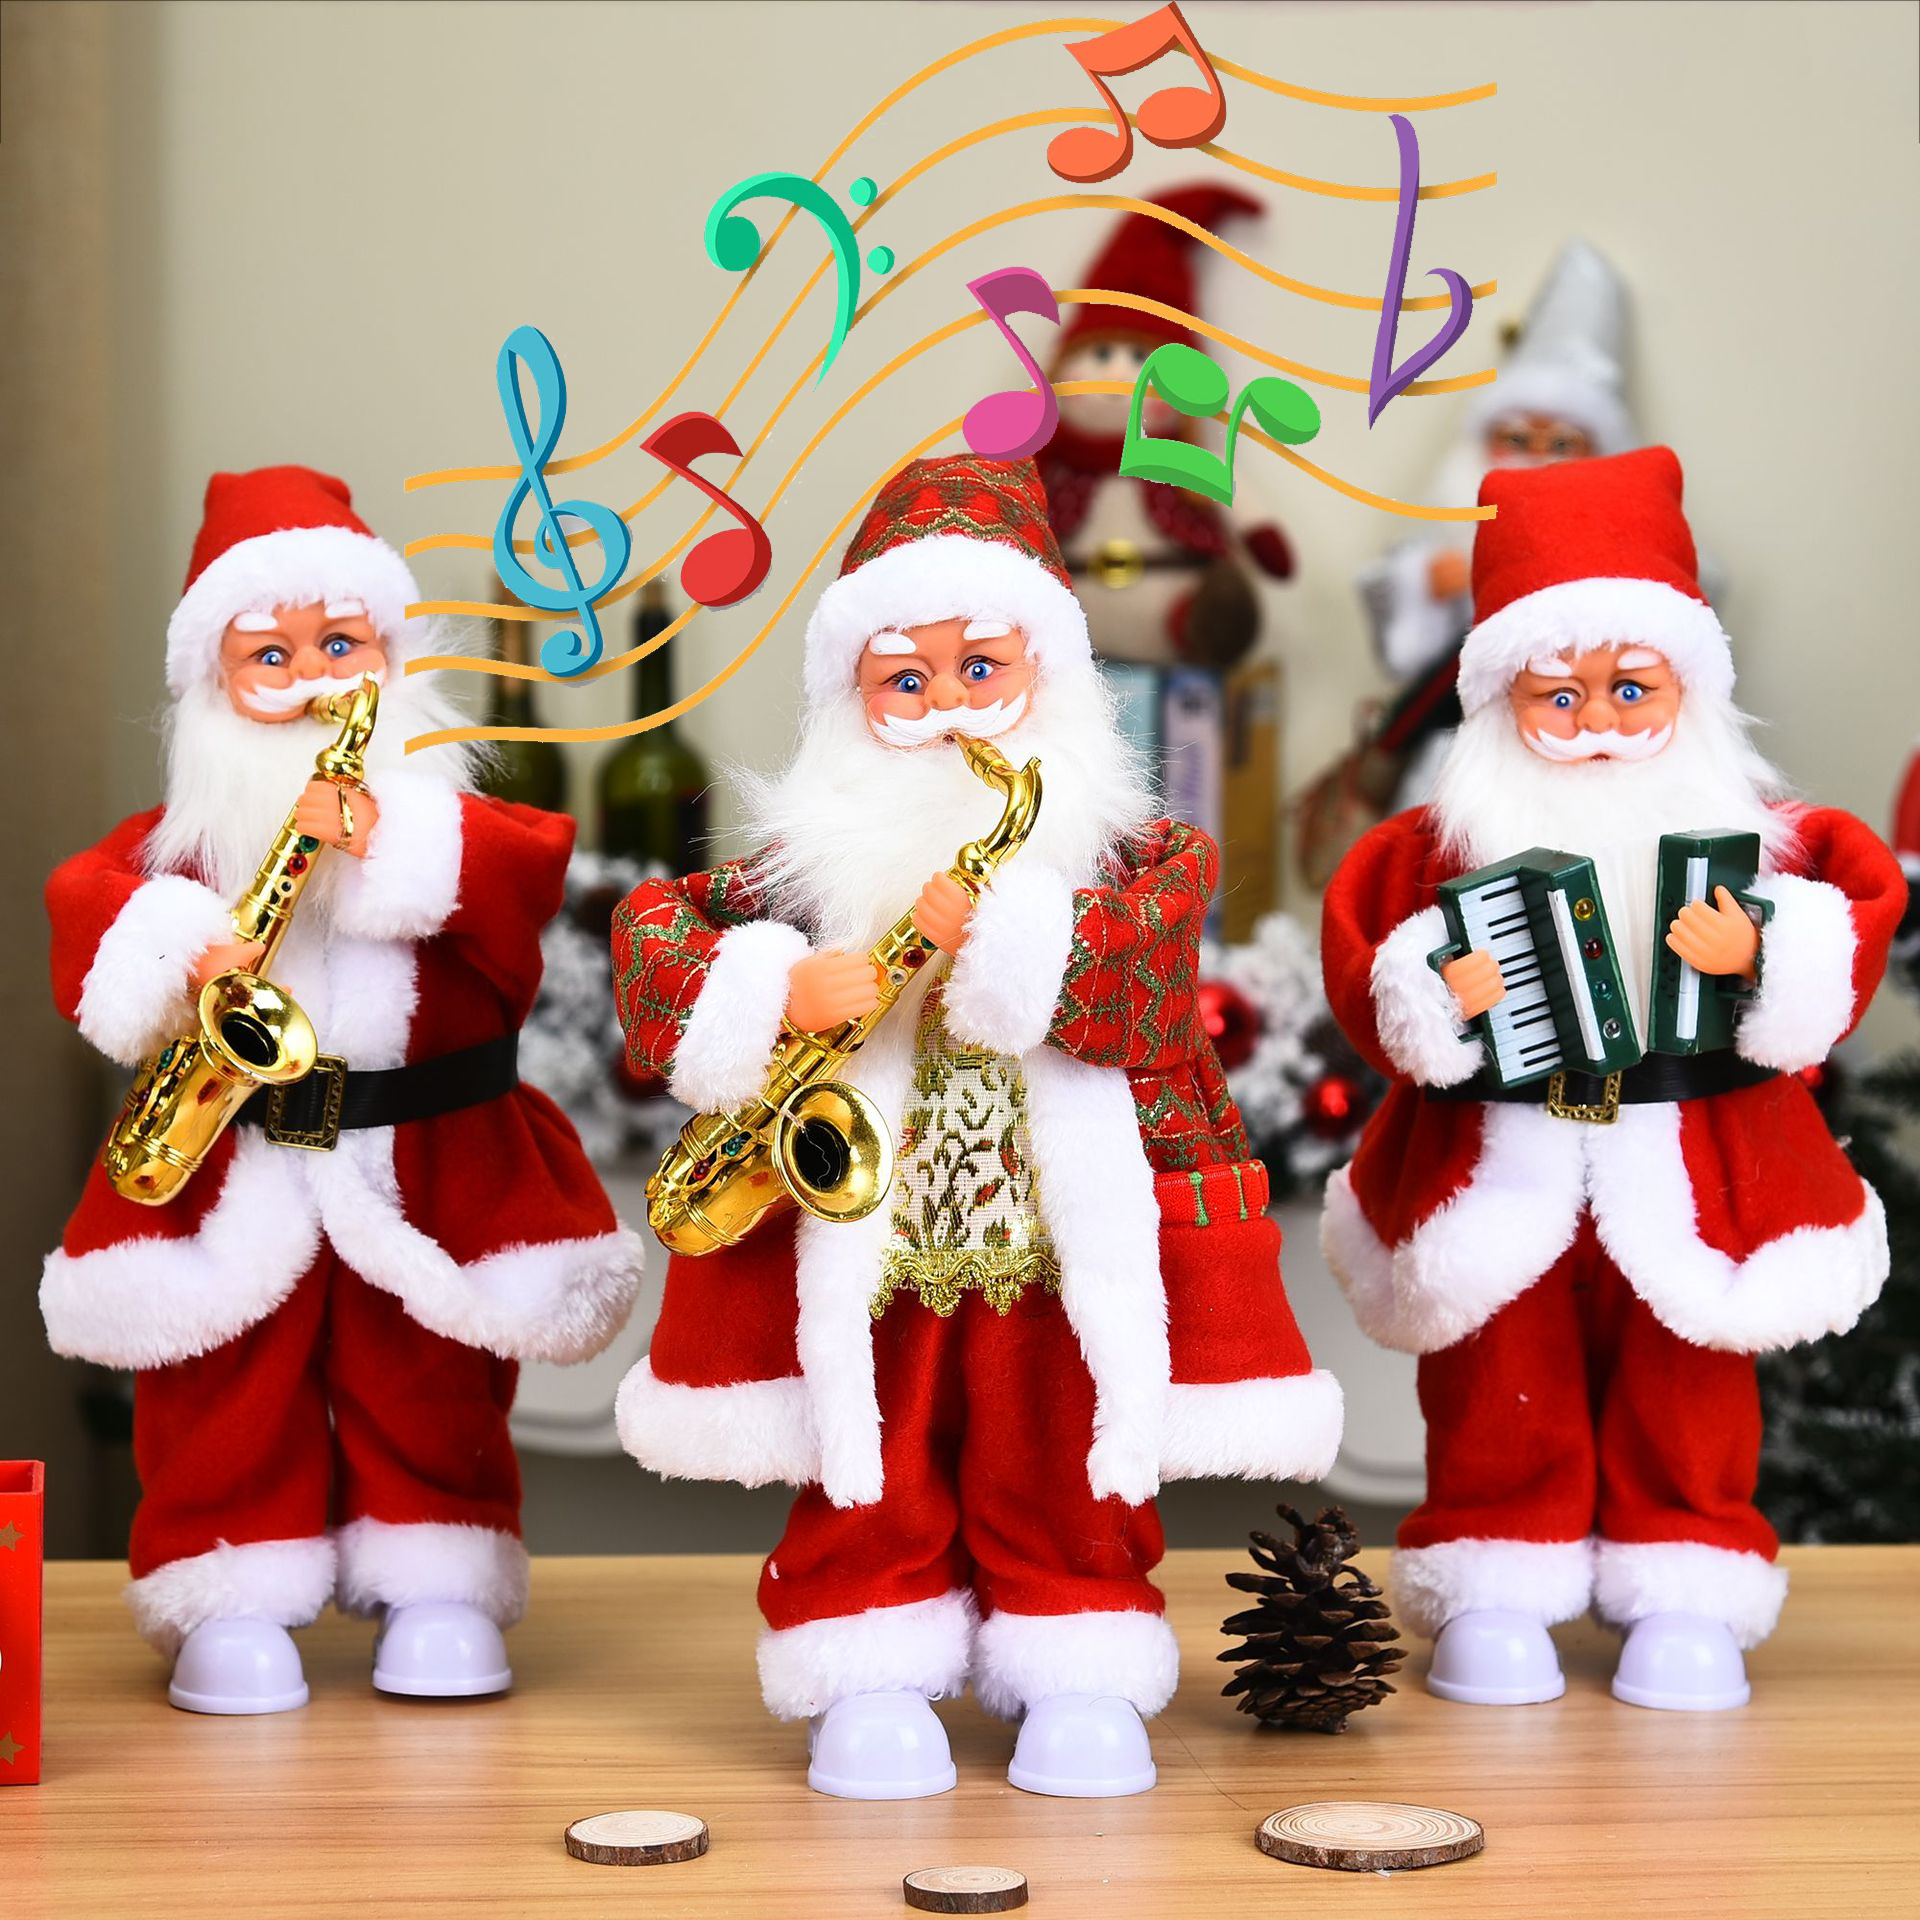 Новогодние 2021 рождественские украшения для дома, электрическая игрушка с музыкой 14 на саксофоне, играющая в белые ножки Санта Клауса с подсветкой|Кулоны и подвески|   | АлиЭкспресс